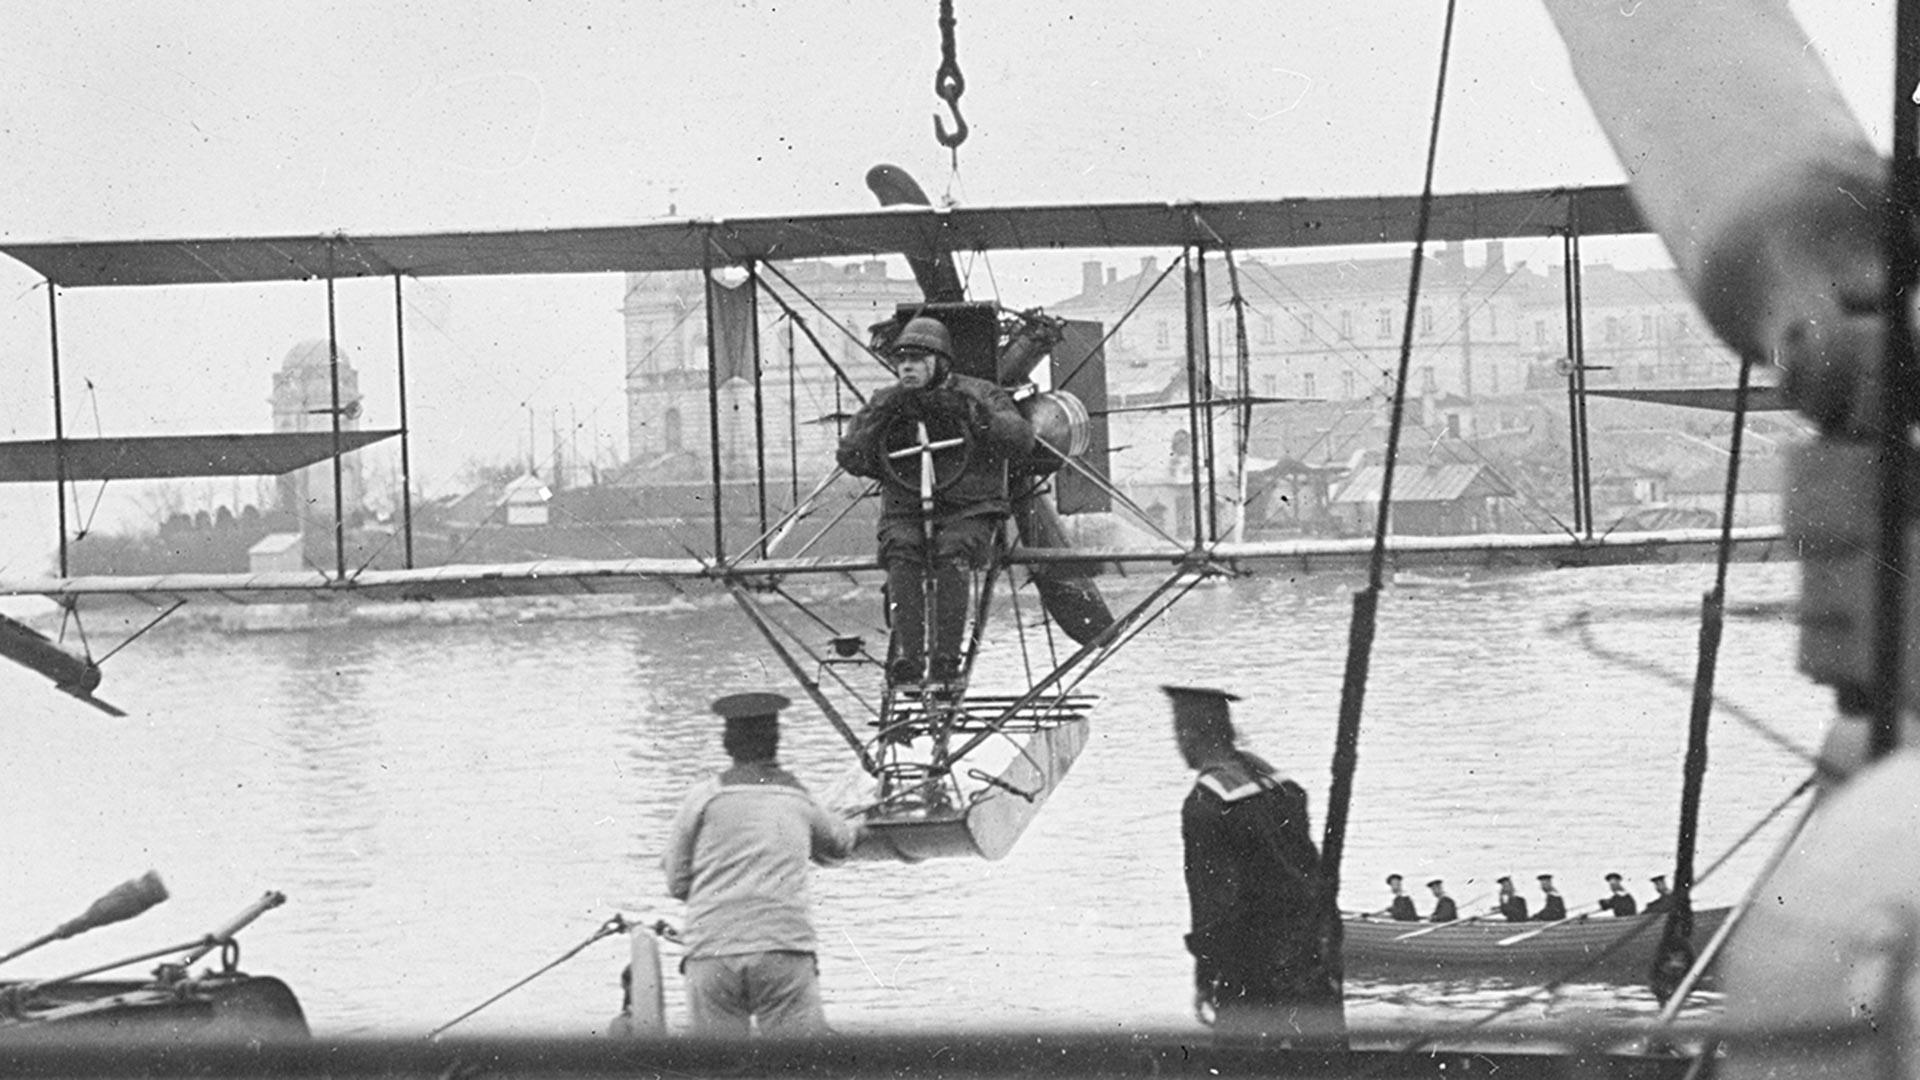 Montée d'un hydravion sur un porte-avions fluvial